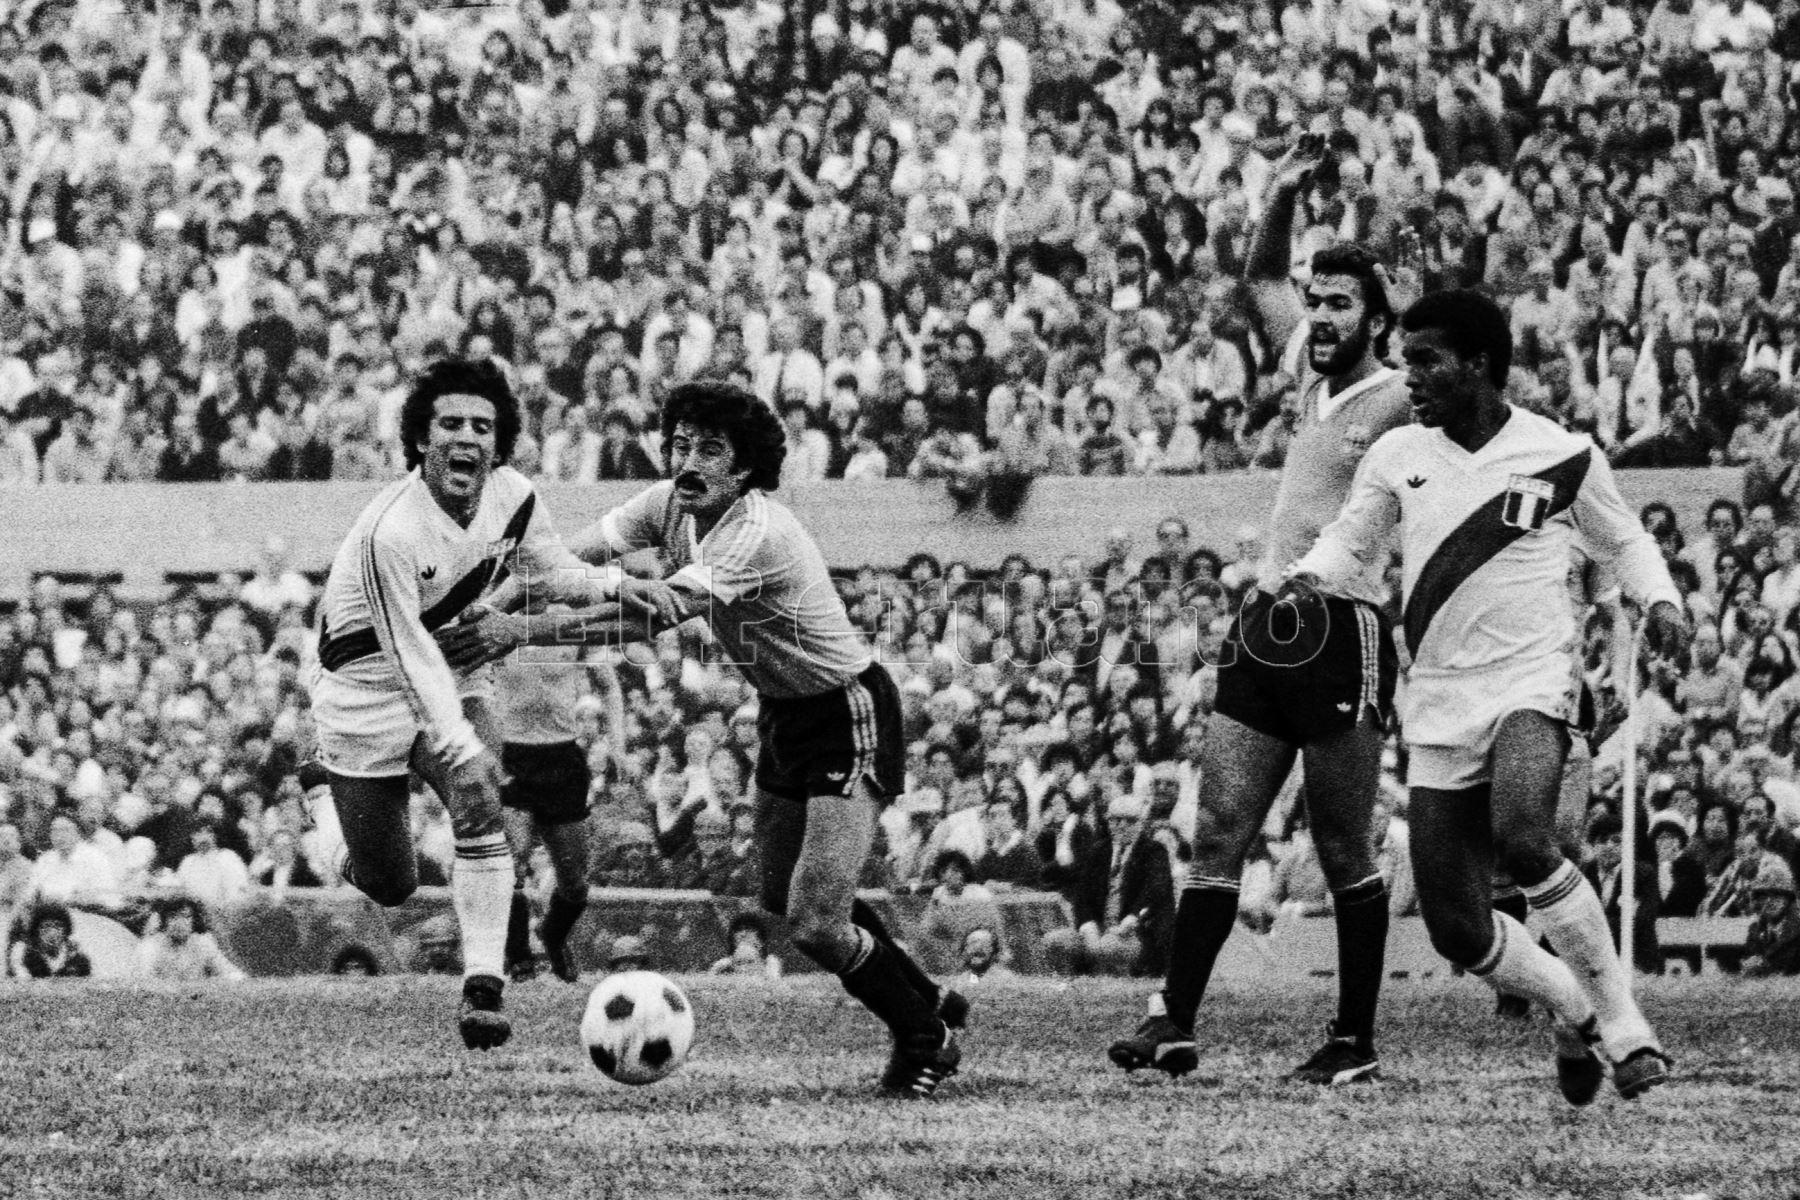 Montevideo, Uruguay - 23 agosto 1981 / El volante César Cueto  durante el partido que Perú le ganó a Uruguay por 2-1 en el estadio Centenario. Los peruanos alcanzaron la punta del Grupo 2 de las eliminatorias sudamericanas y quedaron a un punto de clasificar al Mundial de España 82.Foto: Archivo El Peruano/ Rómulo Luján